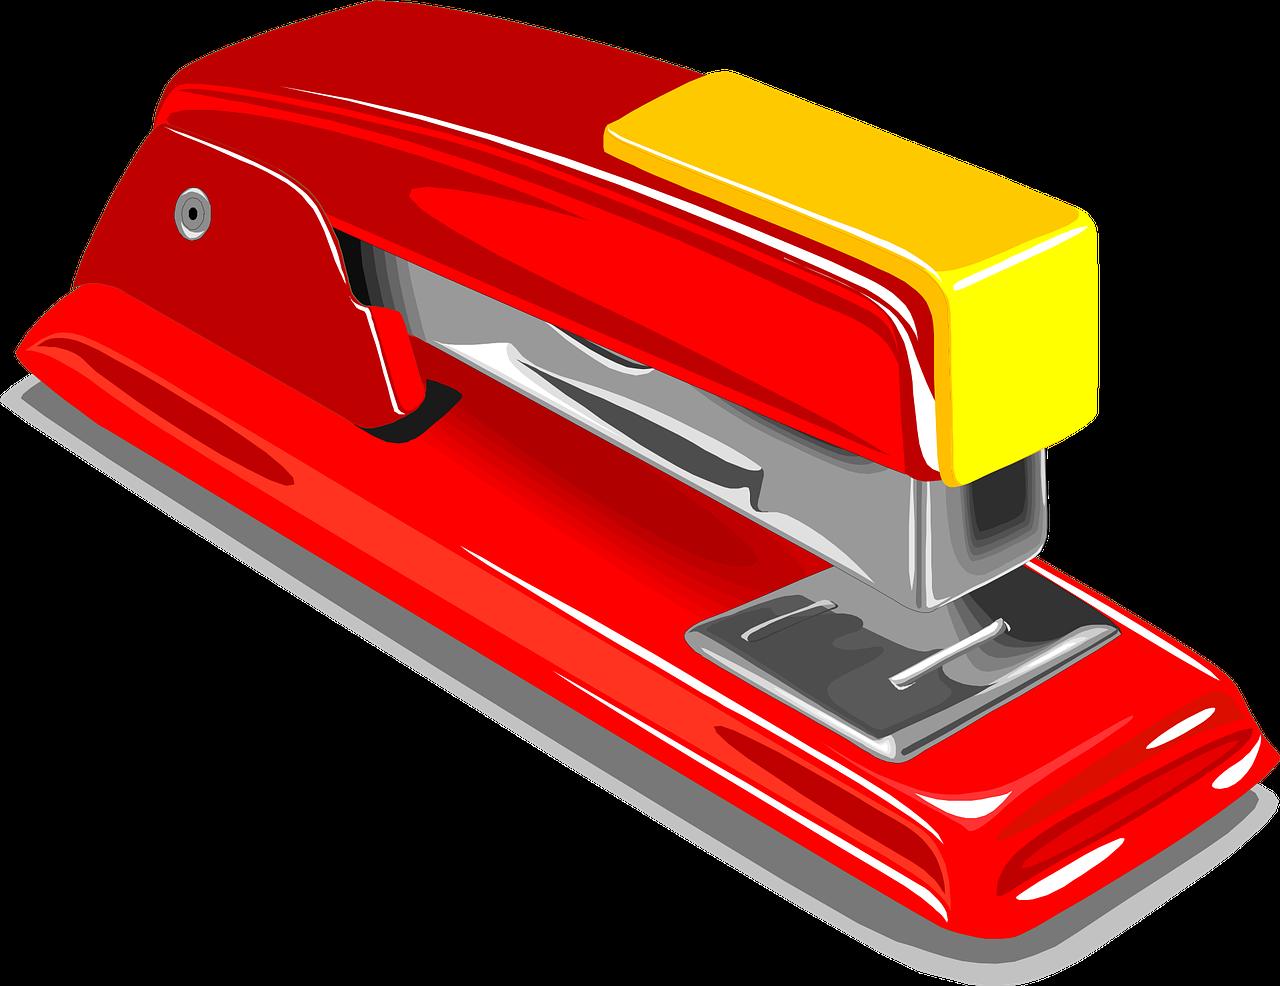 弥生ユーザー向けの経費精算アプリ、Staple(ステイプル)~スマホで楽々経費精算~